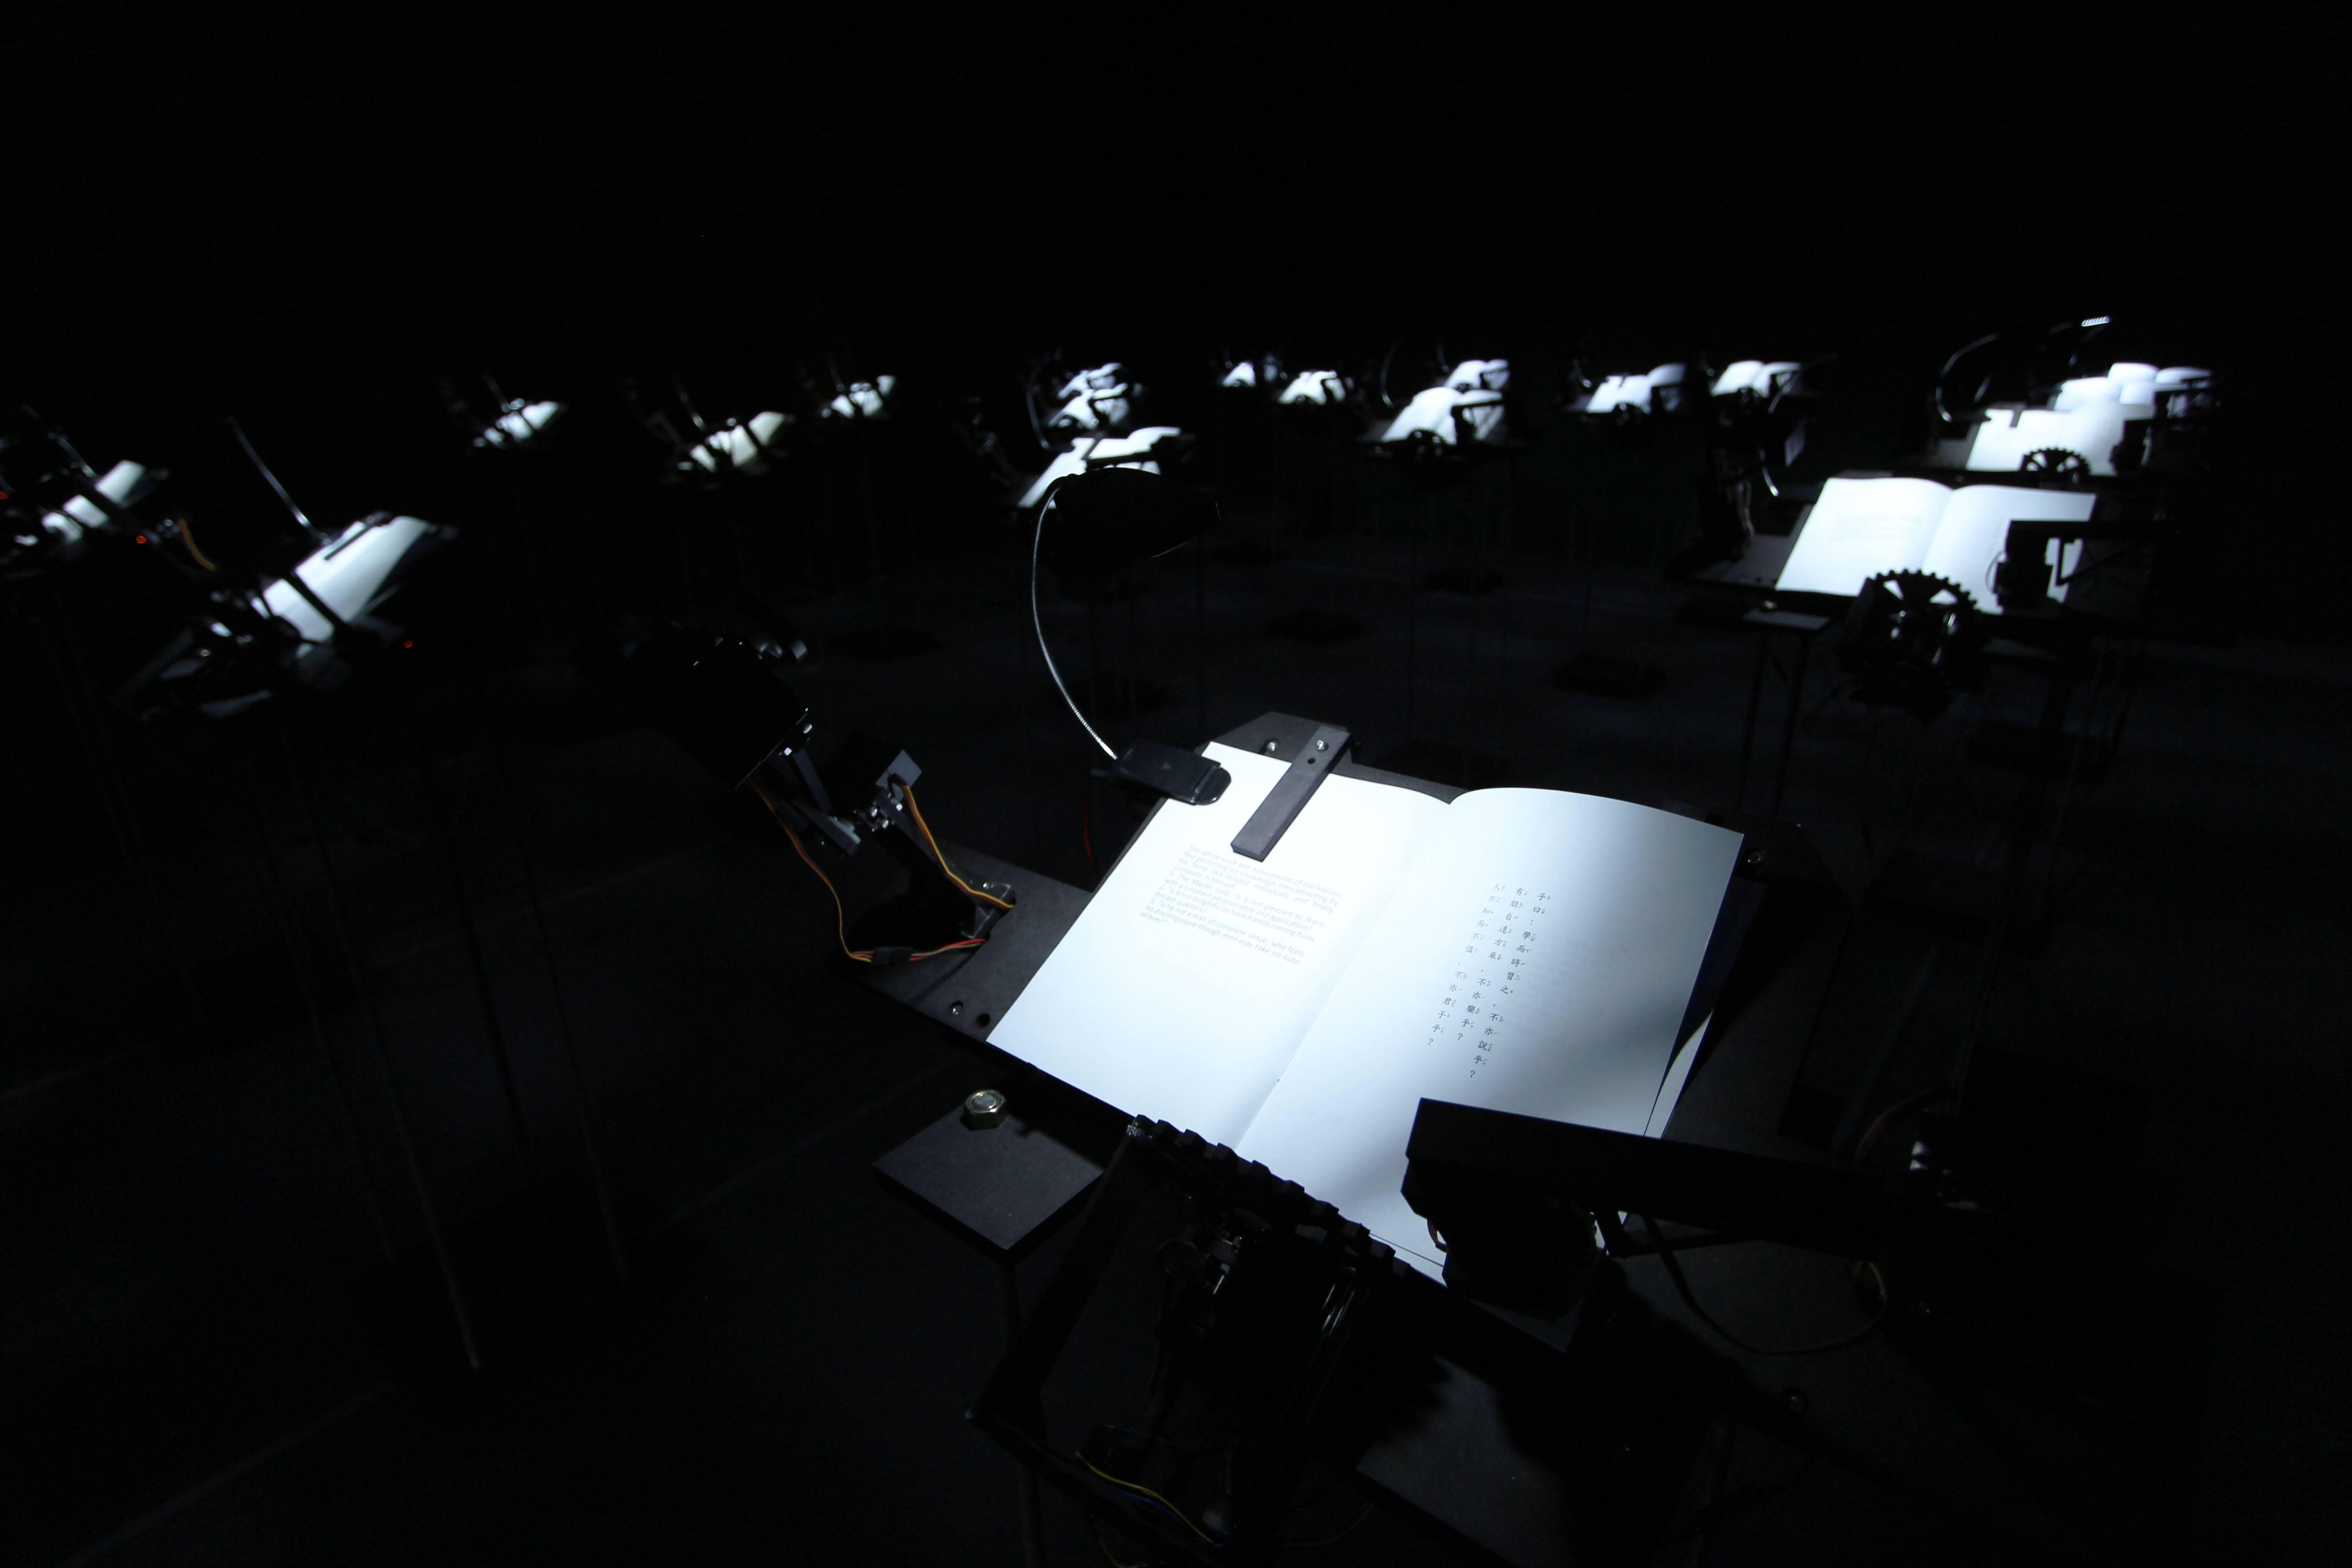 2018台北美術獎首獎作品。王連晟,《閱讀計畫》,書、木板、鐵柱、伺服馬達、電子零件、LED燈,尺寸依場地而定,2016。